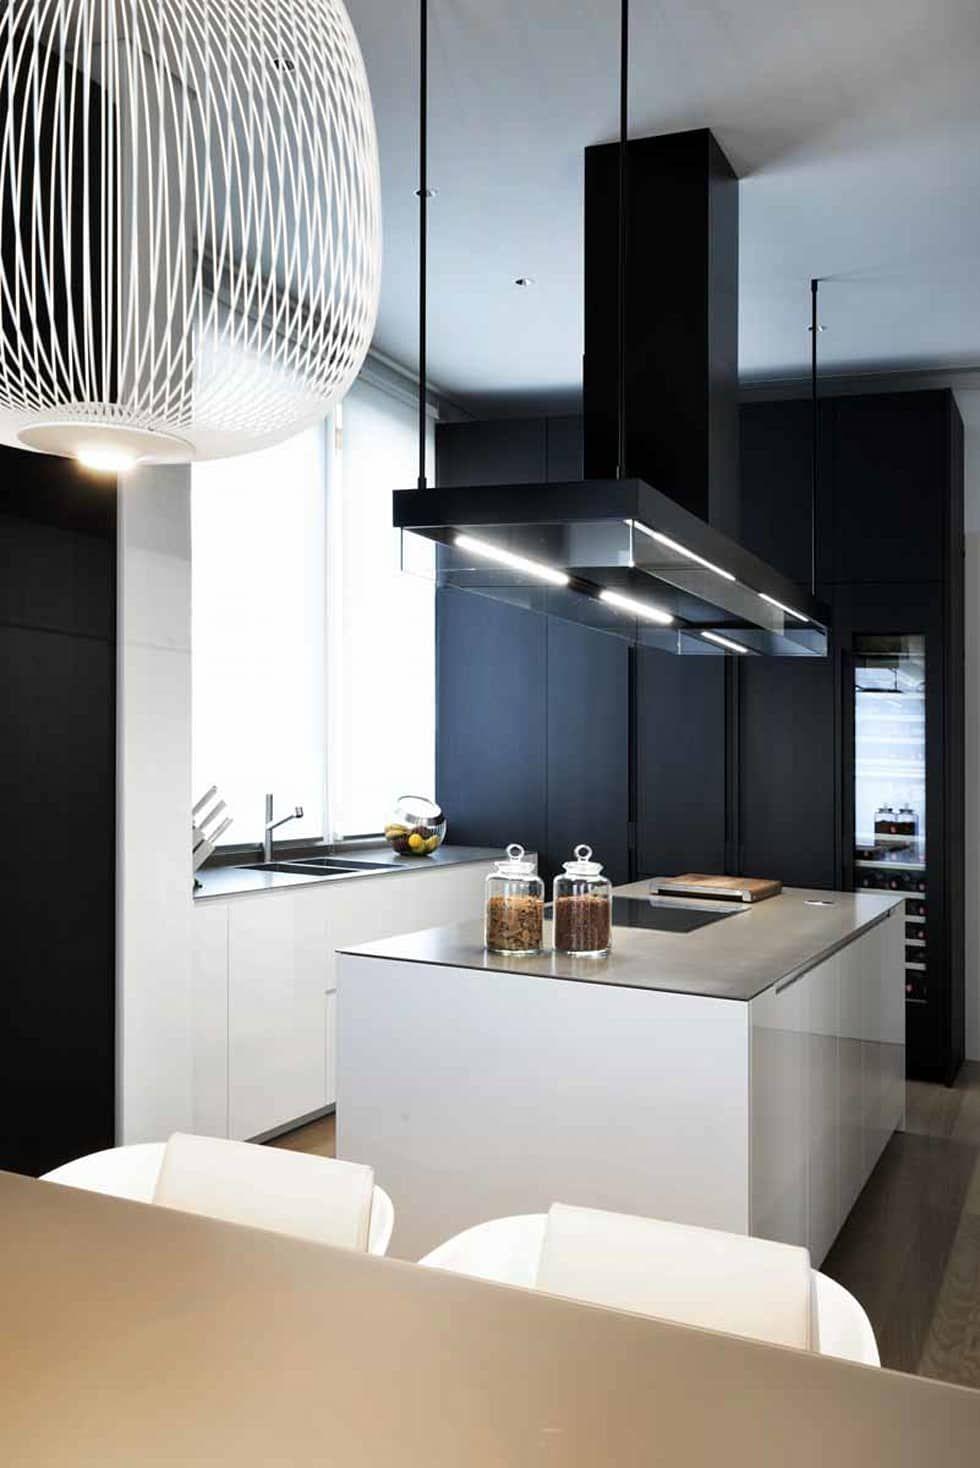 Moderne Küche Bilder von Studio Marco Piva   Studio, Open pantry and ...